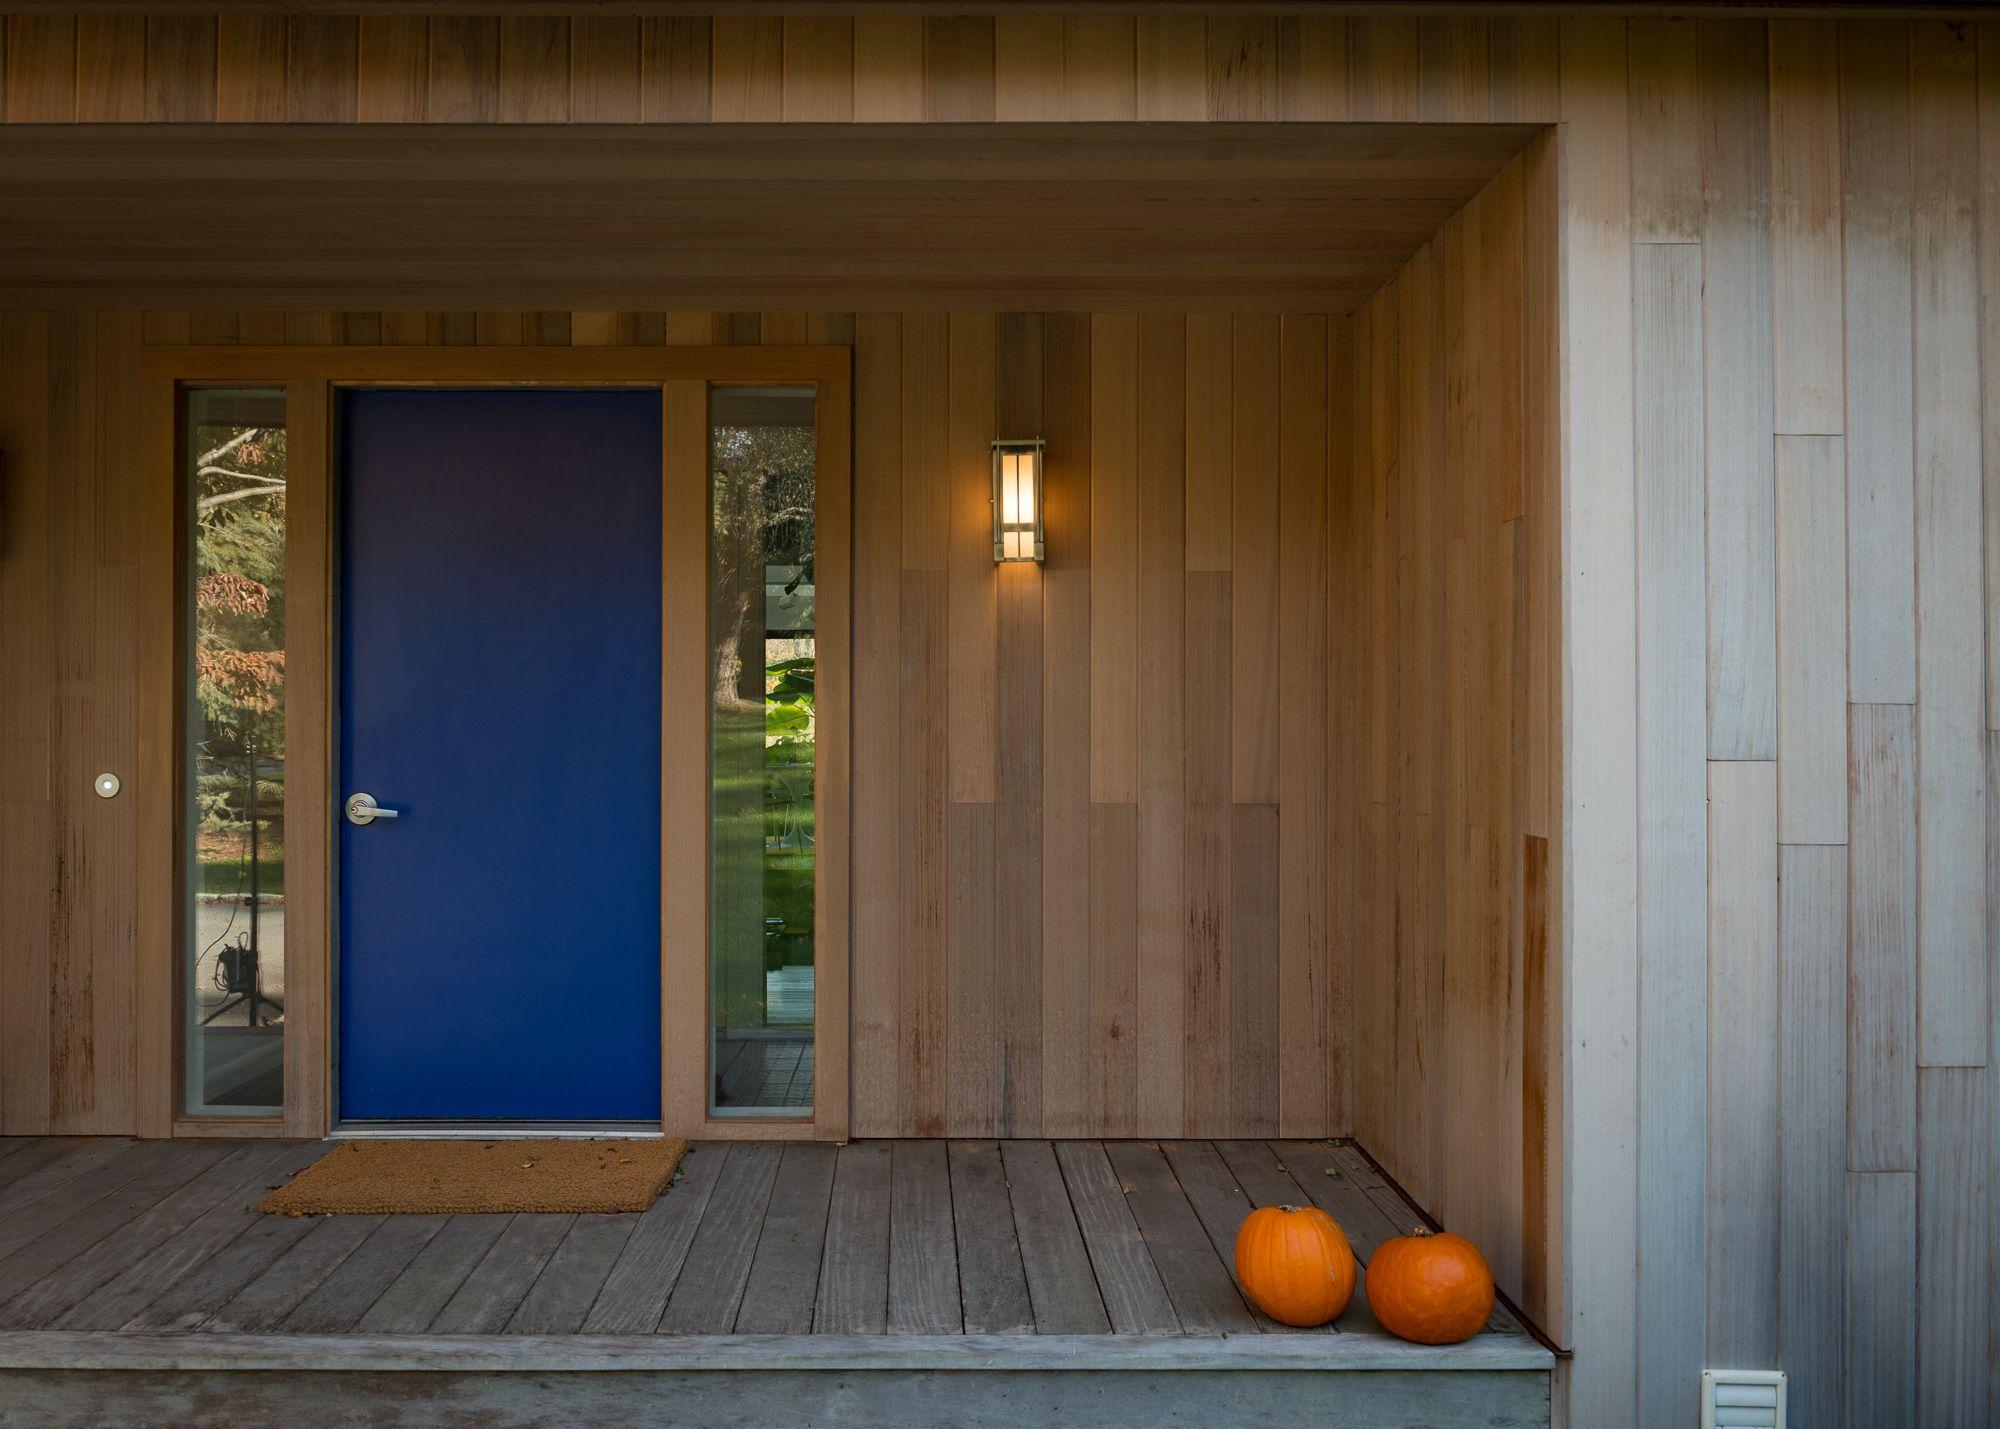 T G Siding Clear Cedar Installed Vertically Beautiful Vertical Clear Cedar Siding In 2020 Tongue And Groove Cedar Siding Cedar Paneling